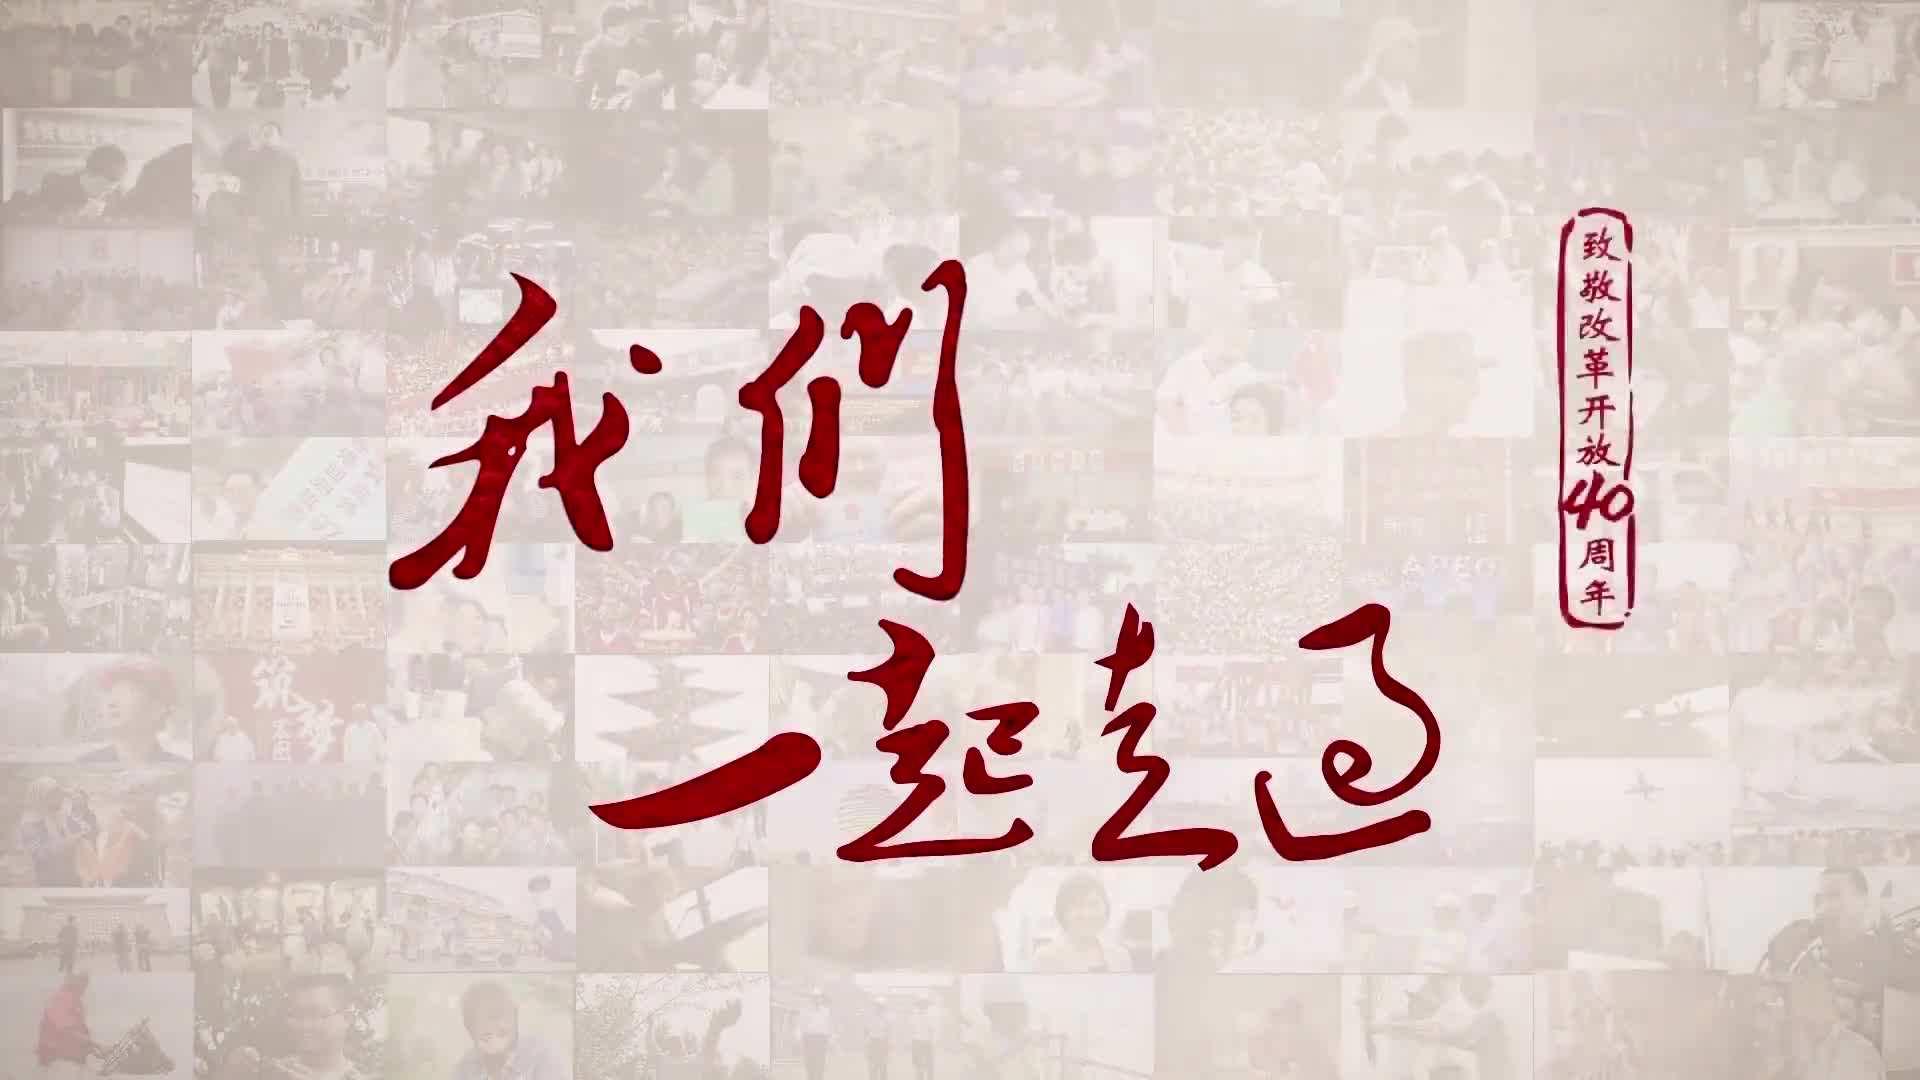 《我们一起走过——致敬改革开放40周年》 第六集 爱拼才会赢